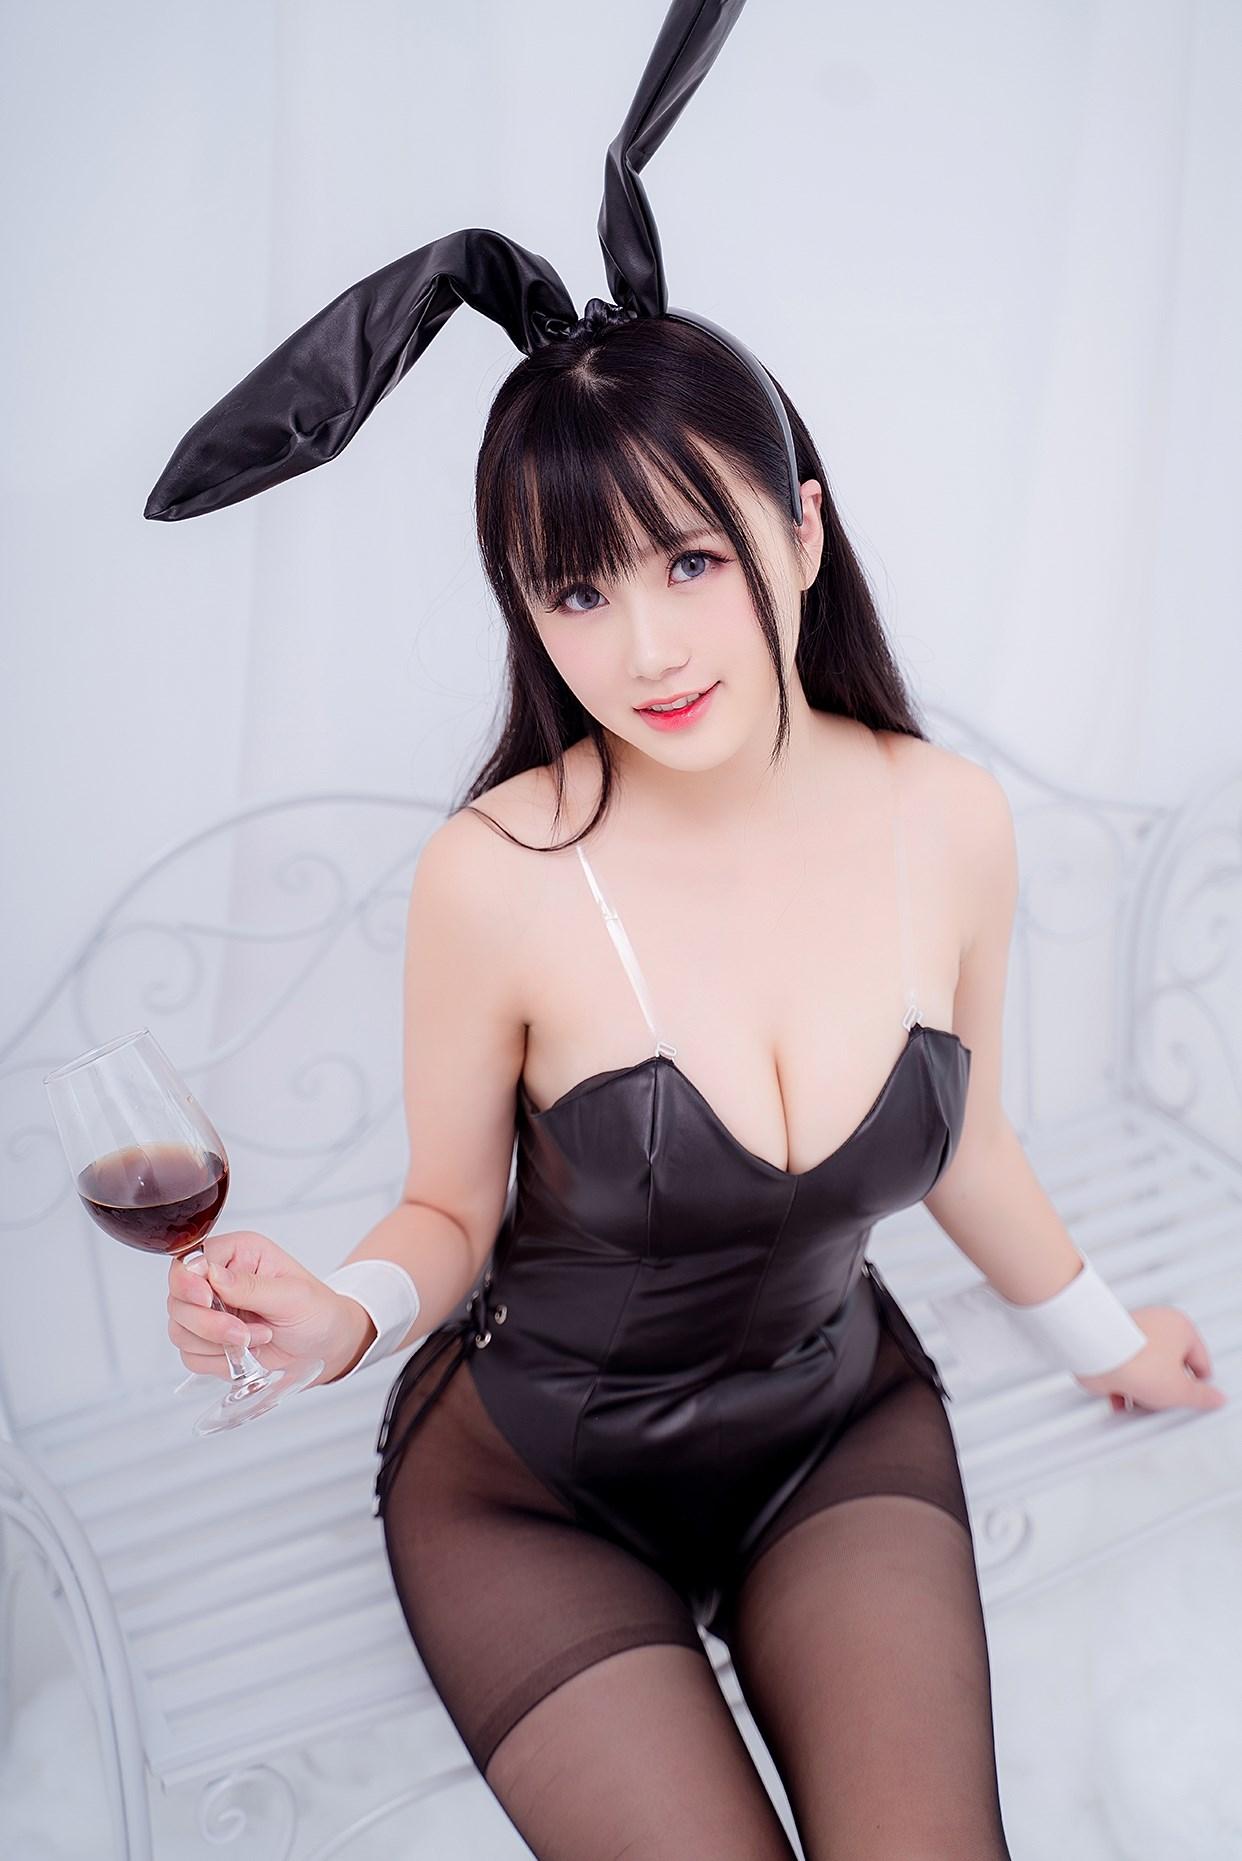 【兔玩映画】兔女郎vol.18-荼蘼 兔玩映画 第16张